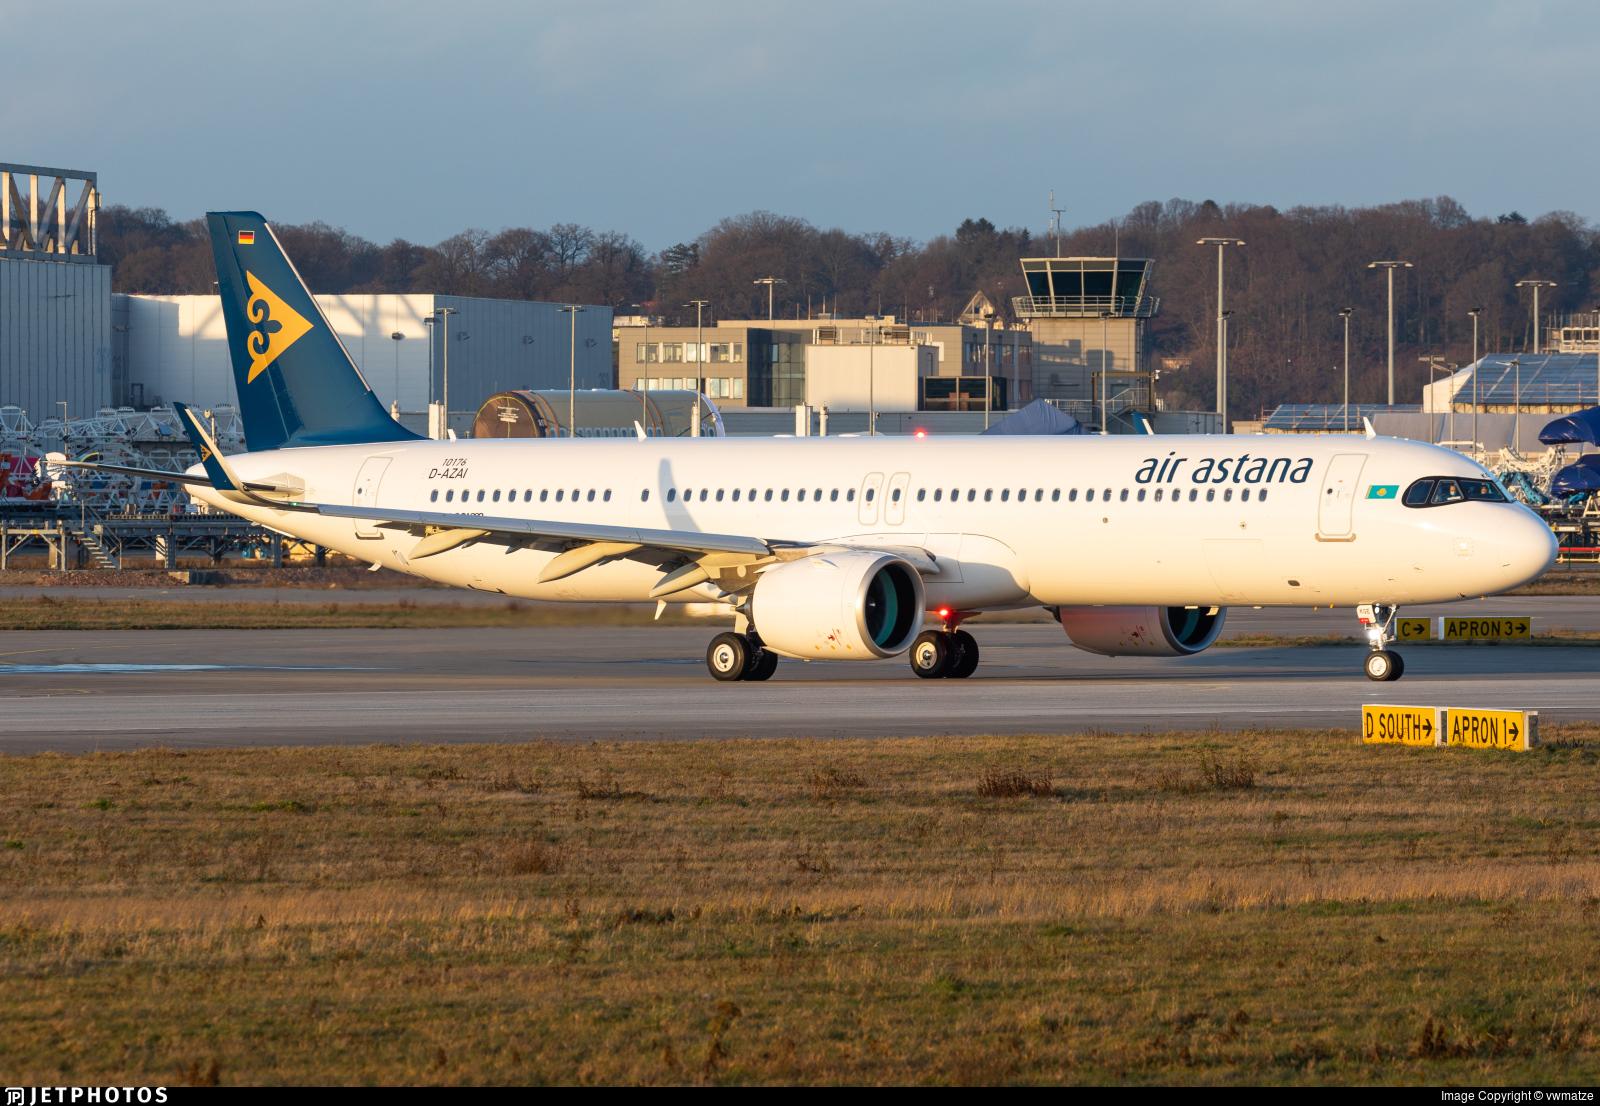 D-AZAI - Airbus A321-271NX - Air Astana